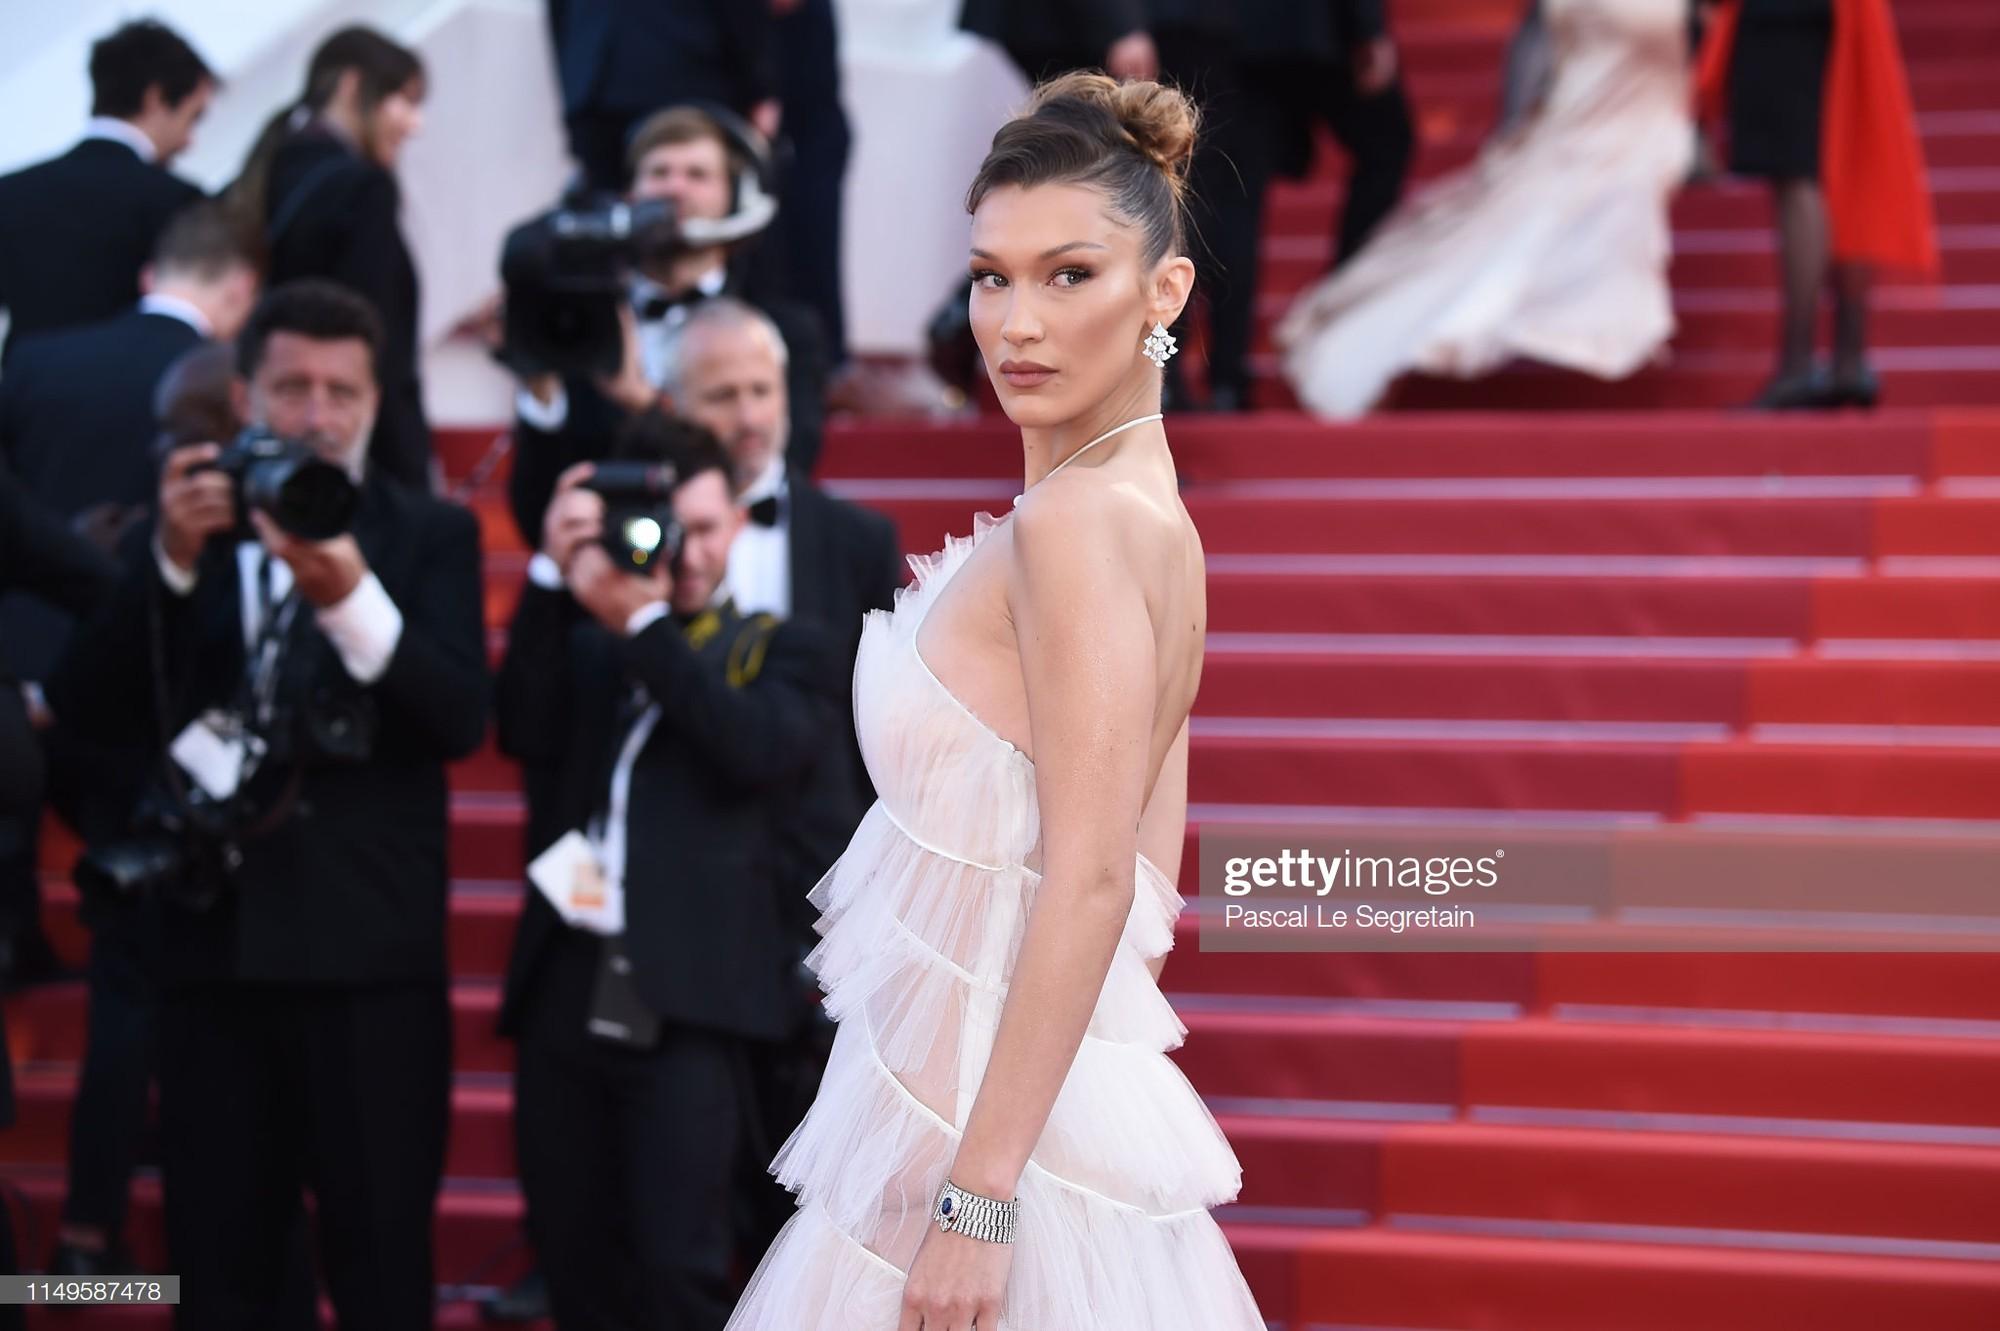 Thảm đỏ Cannes ngày 3: HLV The Face Thái Lan bất ngờ vùng lên chặt chém Bella Hadid cùng dàn mỹ nhân váy xẻ - Ảnh 2.